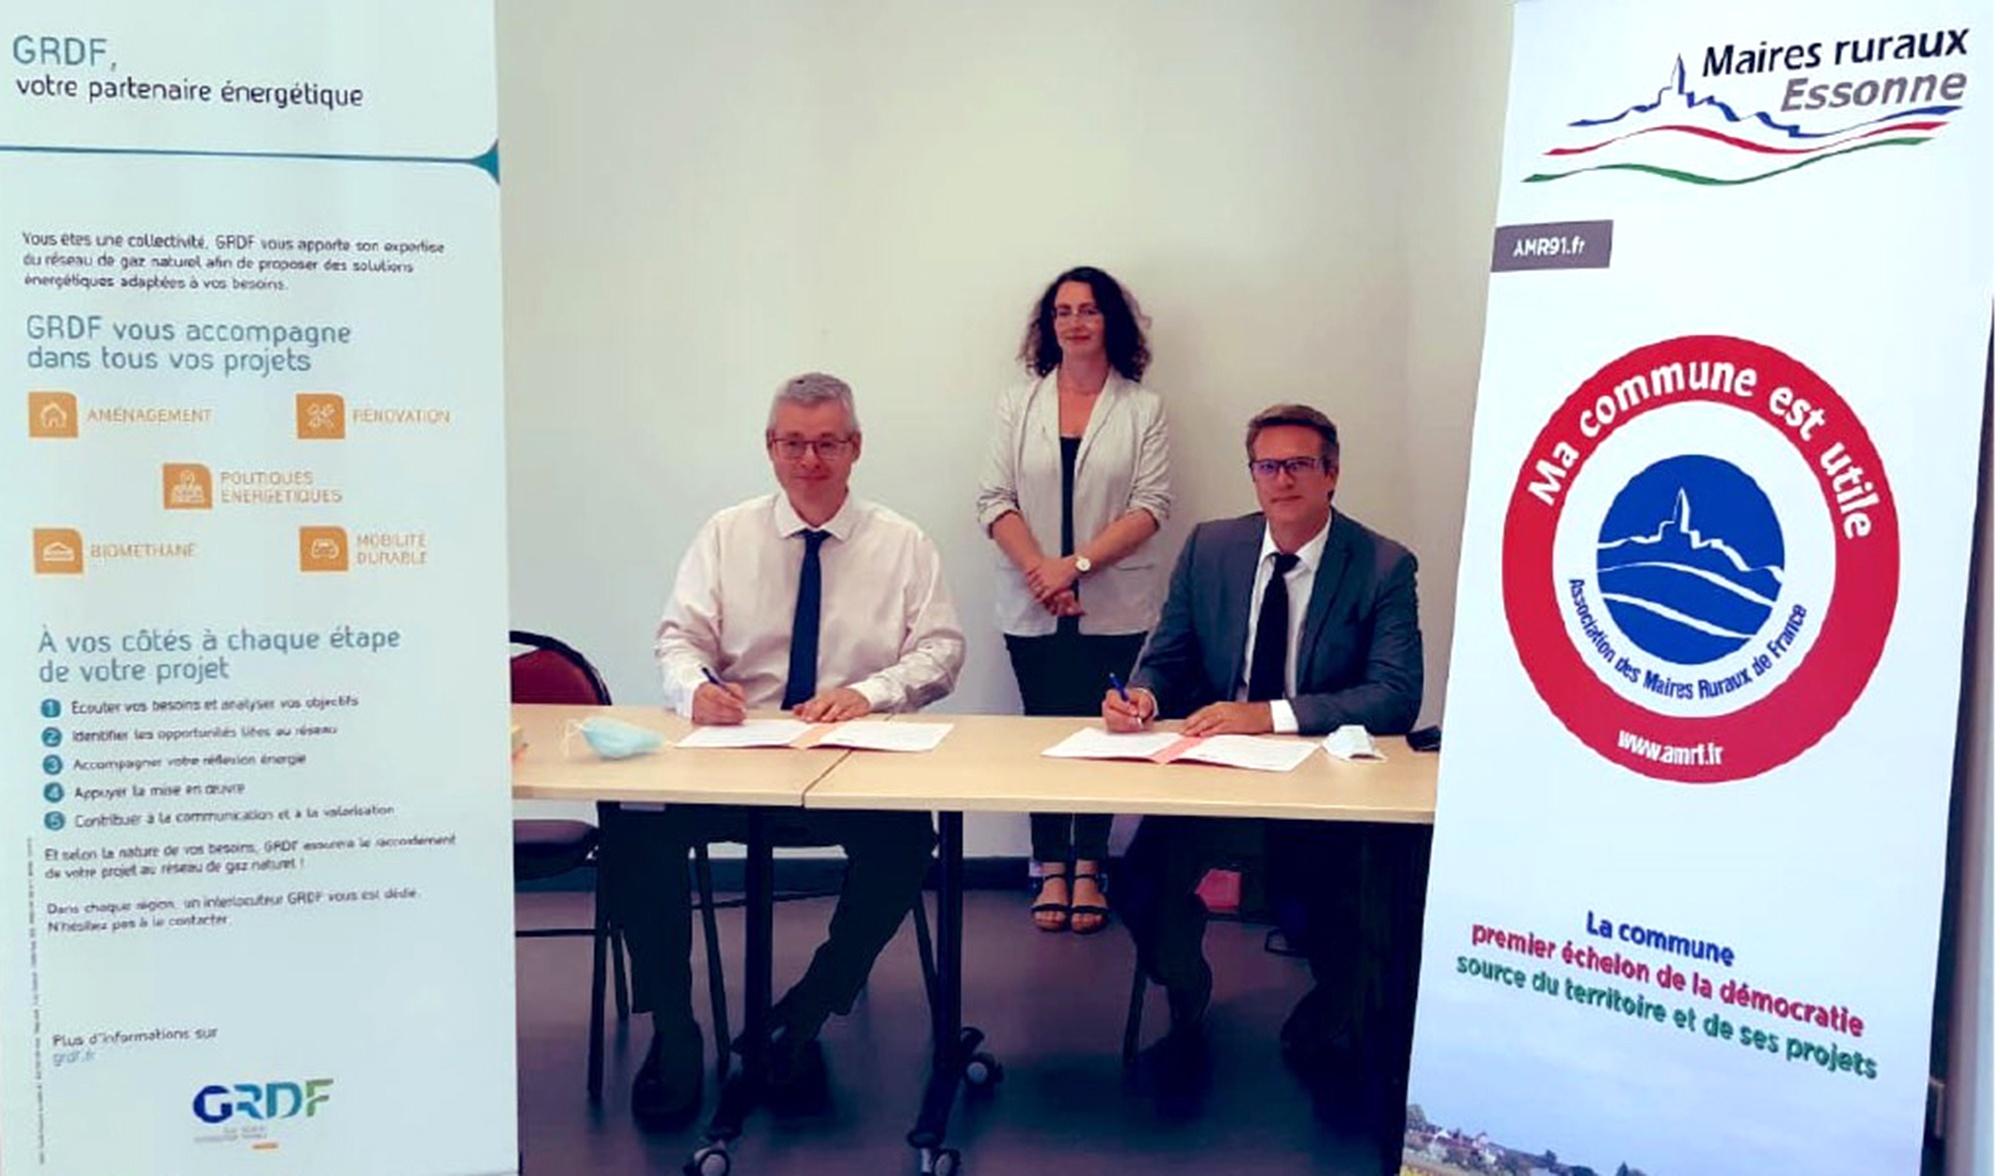 L'AMR et GRDF, partenaires de la transition